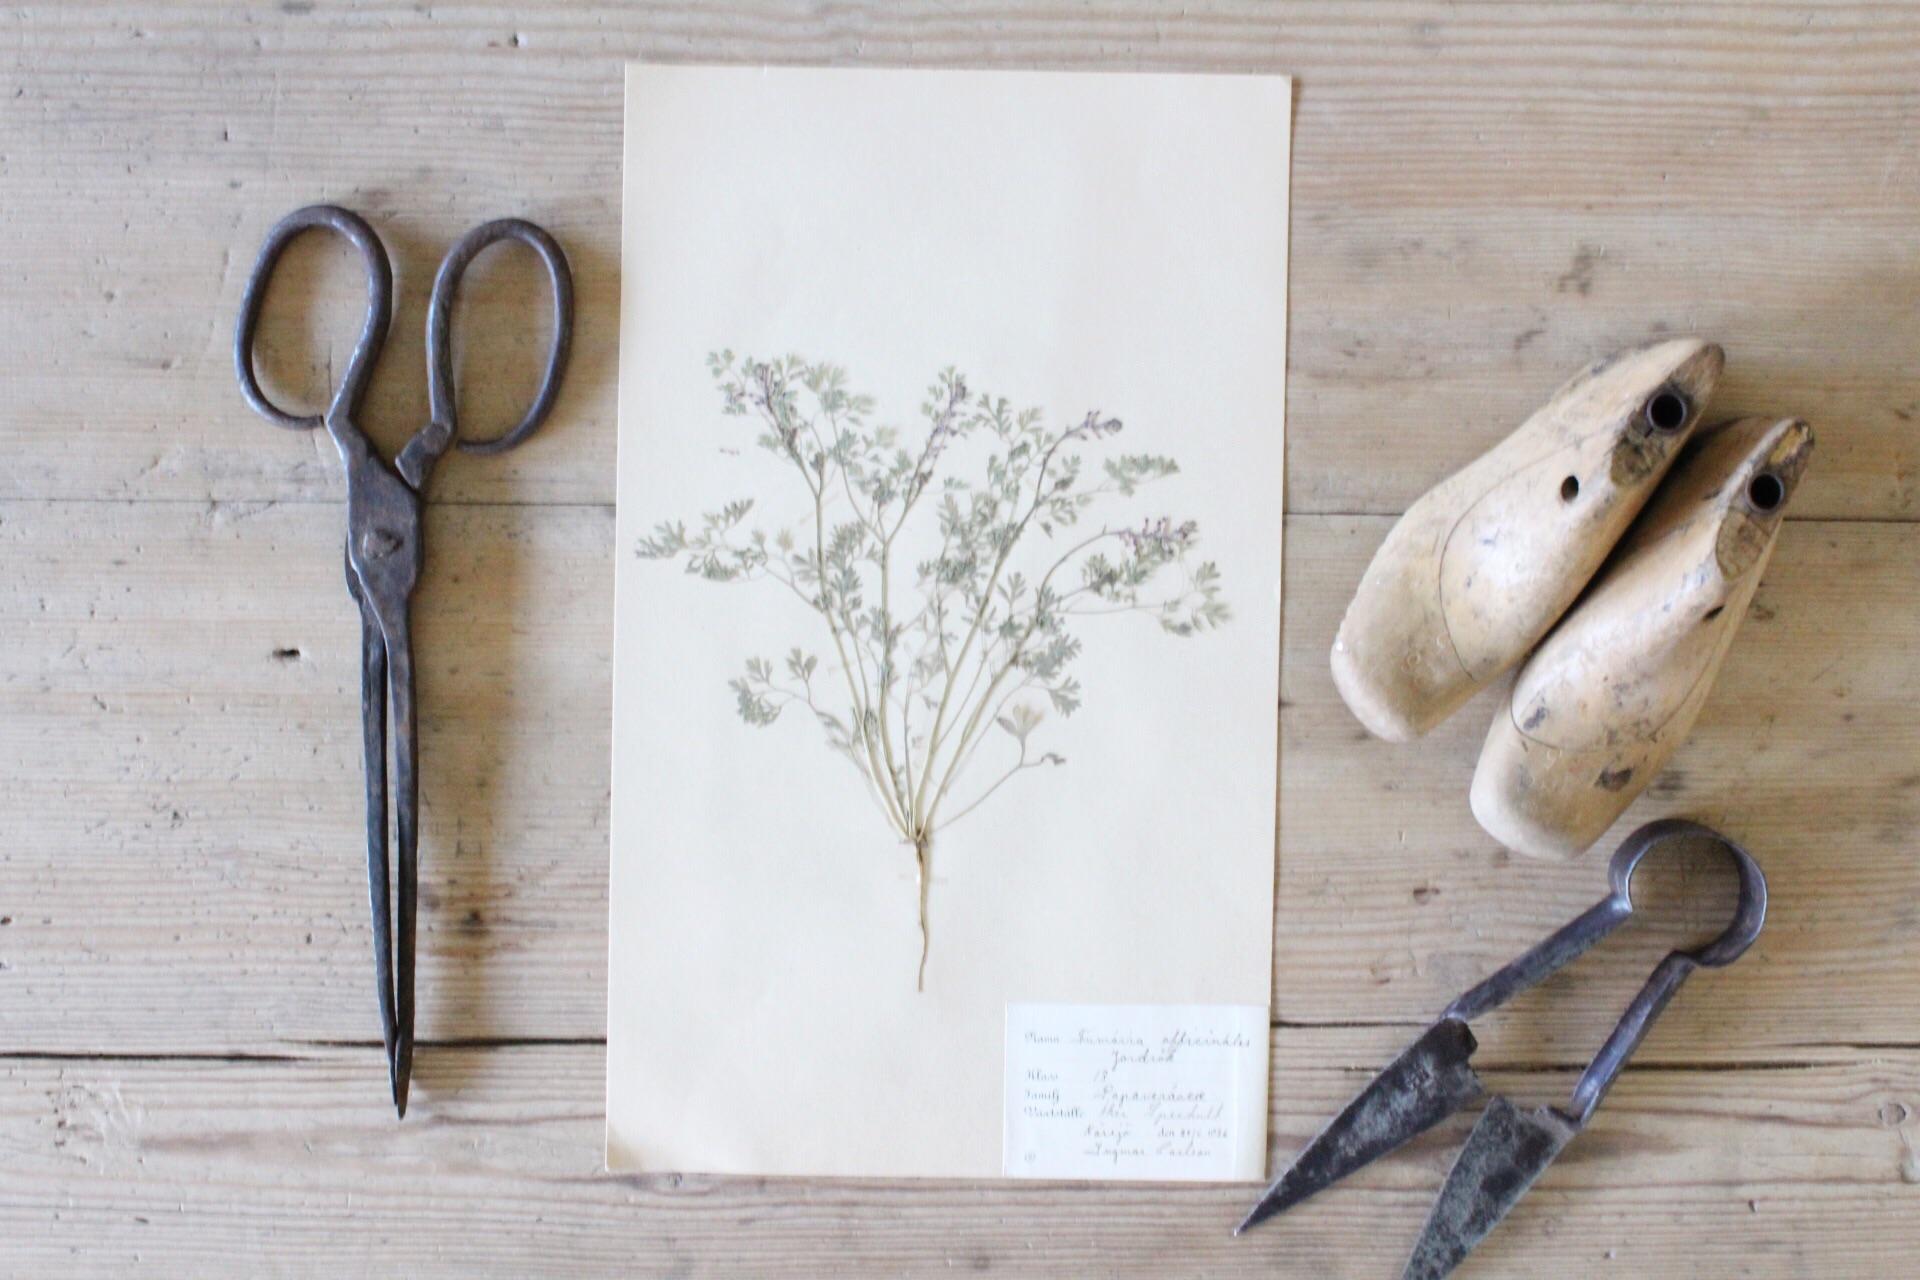 Swedish antique herbarium